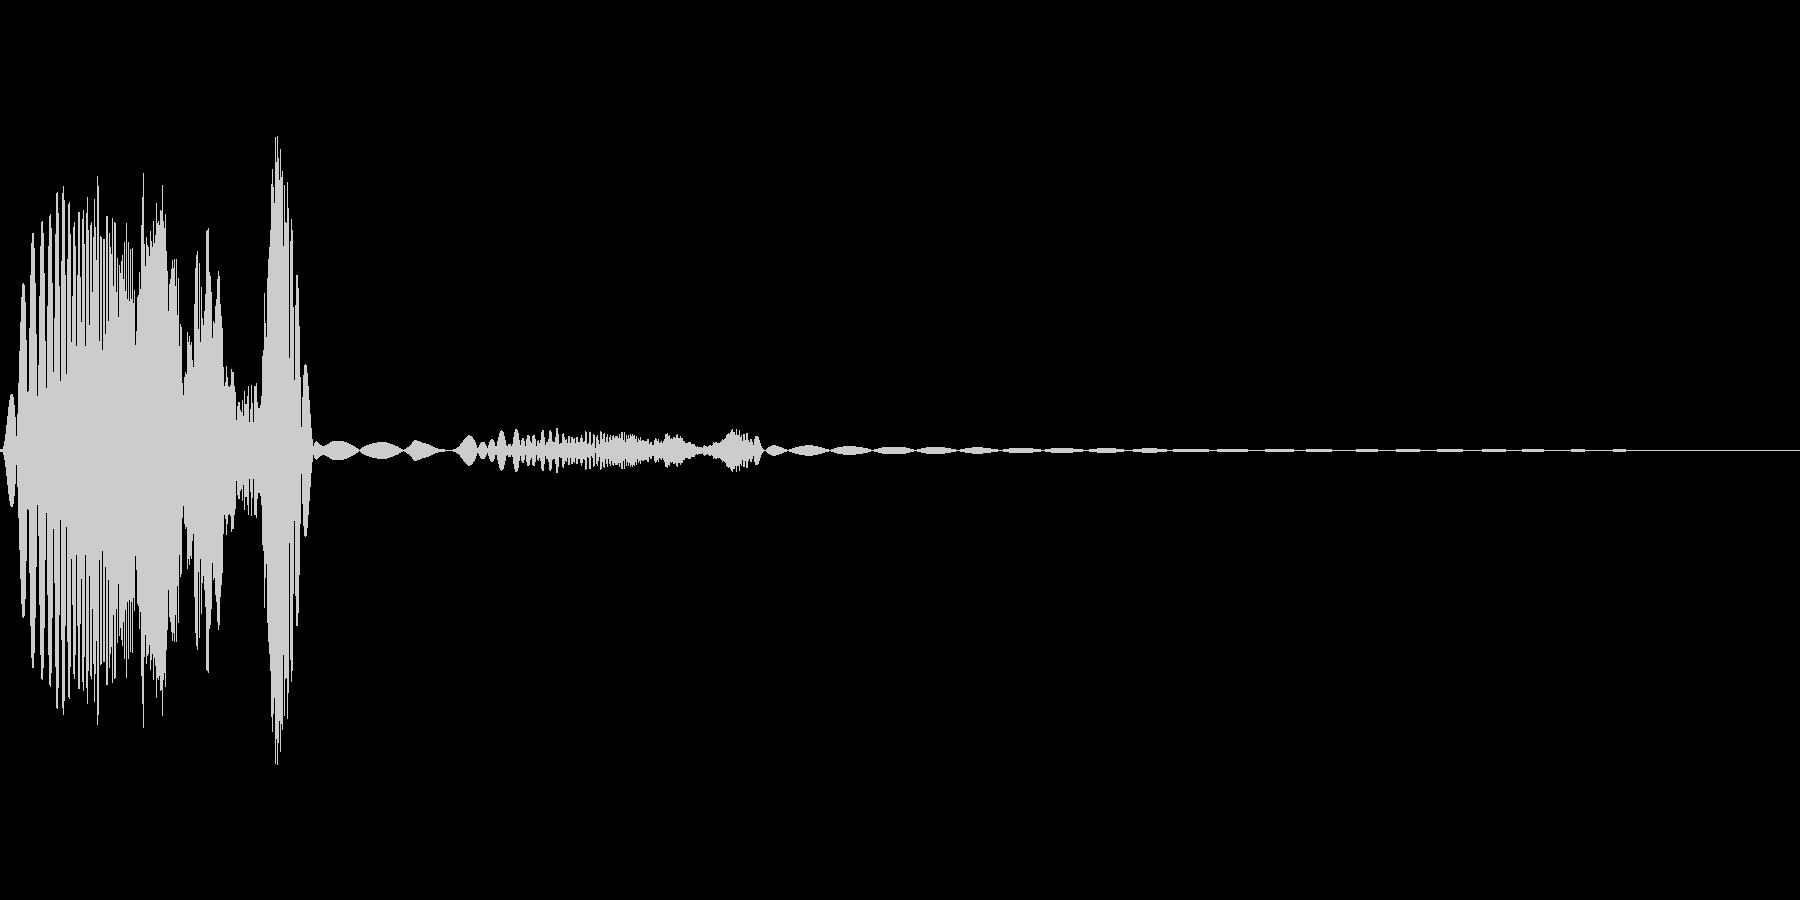 プヨプヨ(感情:怒る)の未再生の波形